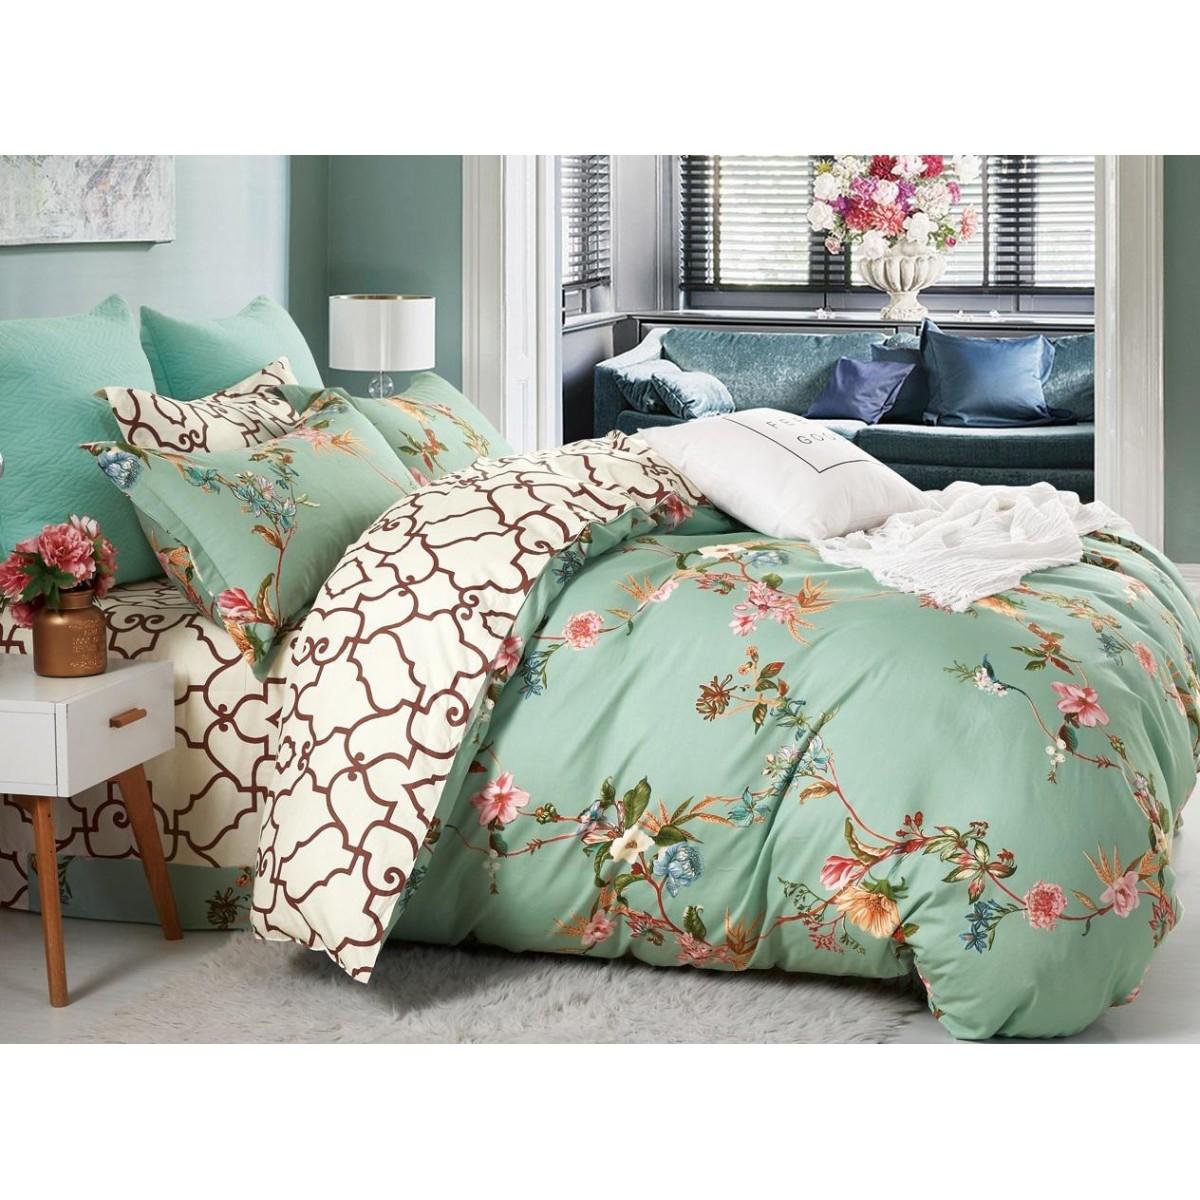 Комплект постельного белья 15-спальный Jardin 3420/823